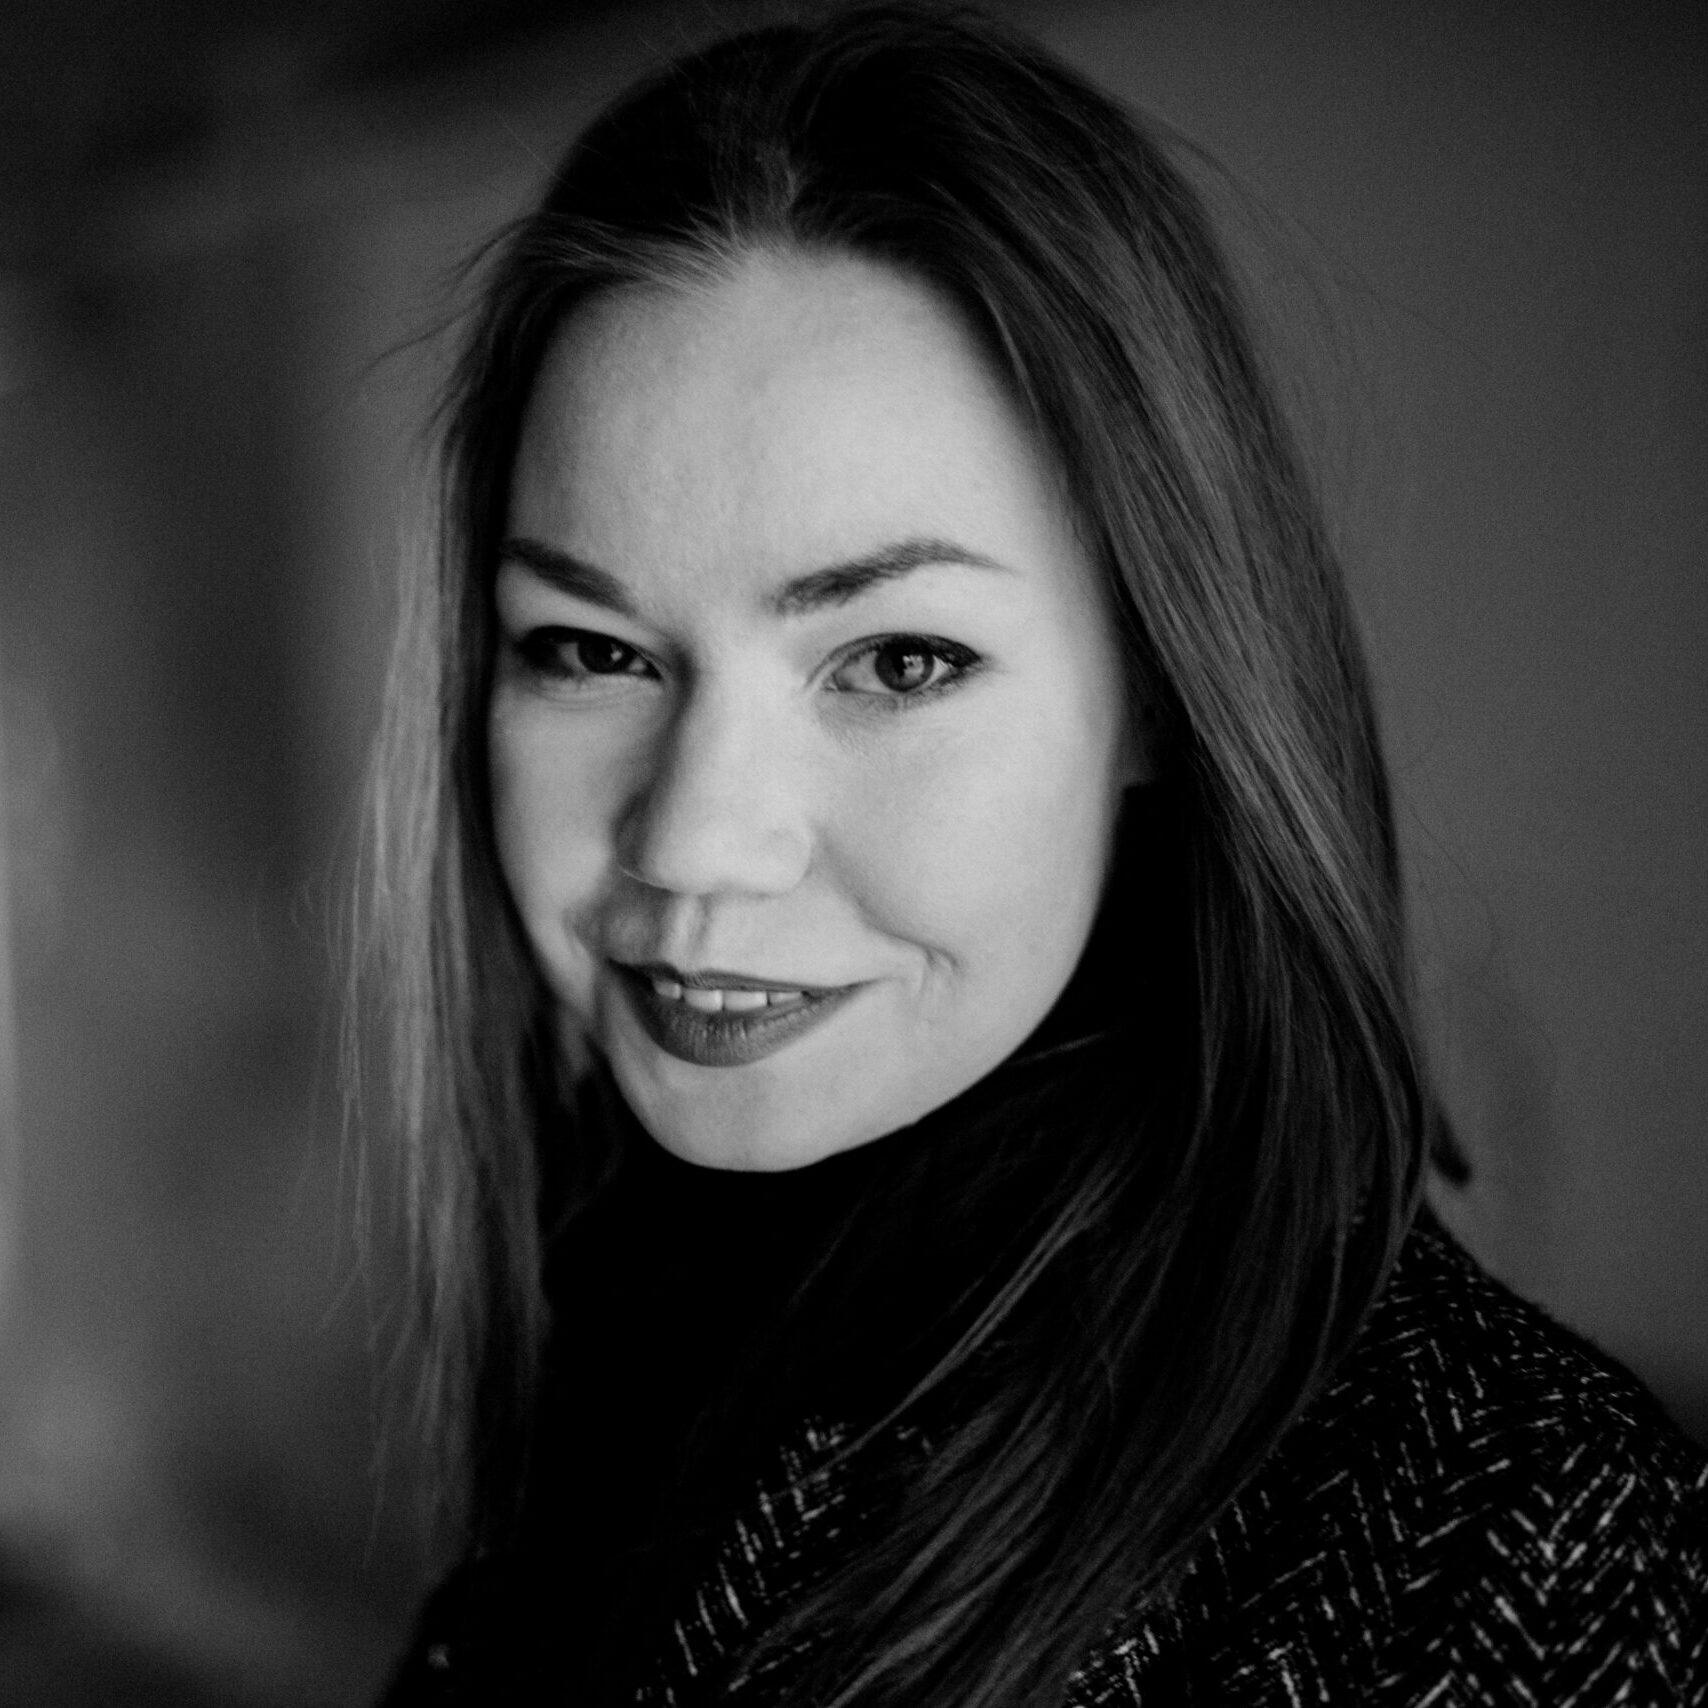 Greta Ambrazaite